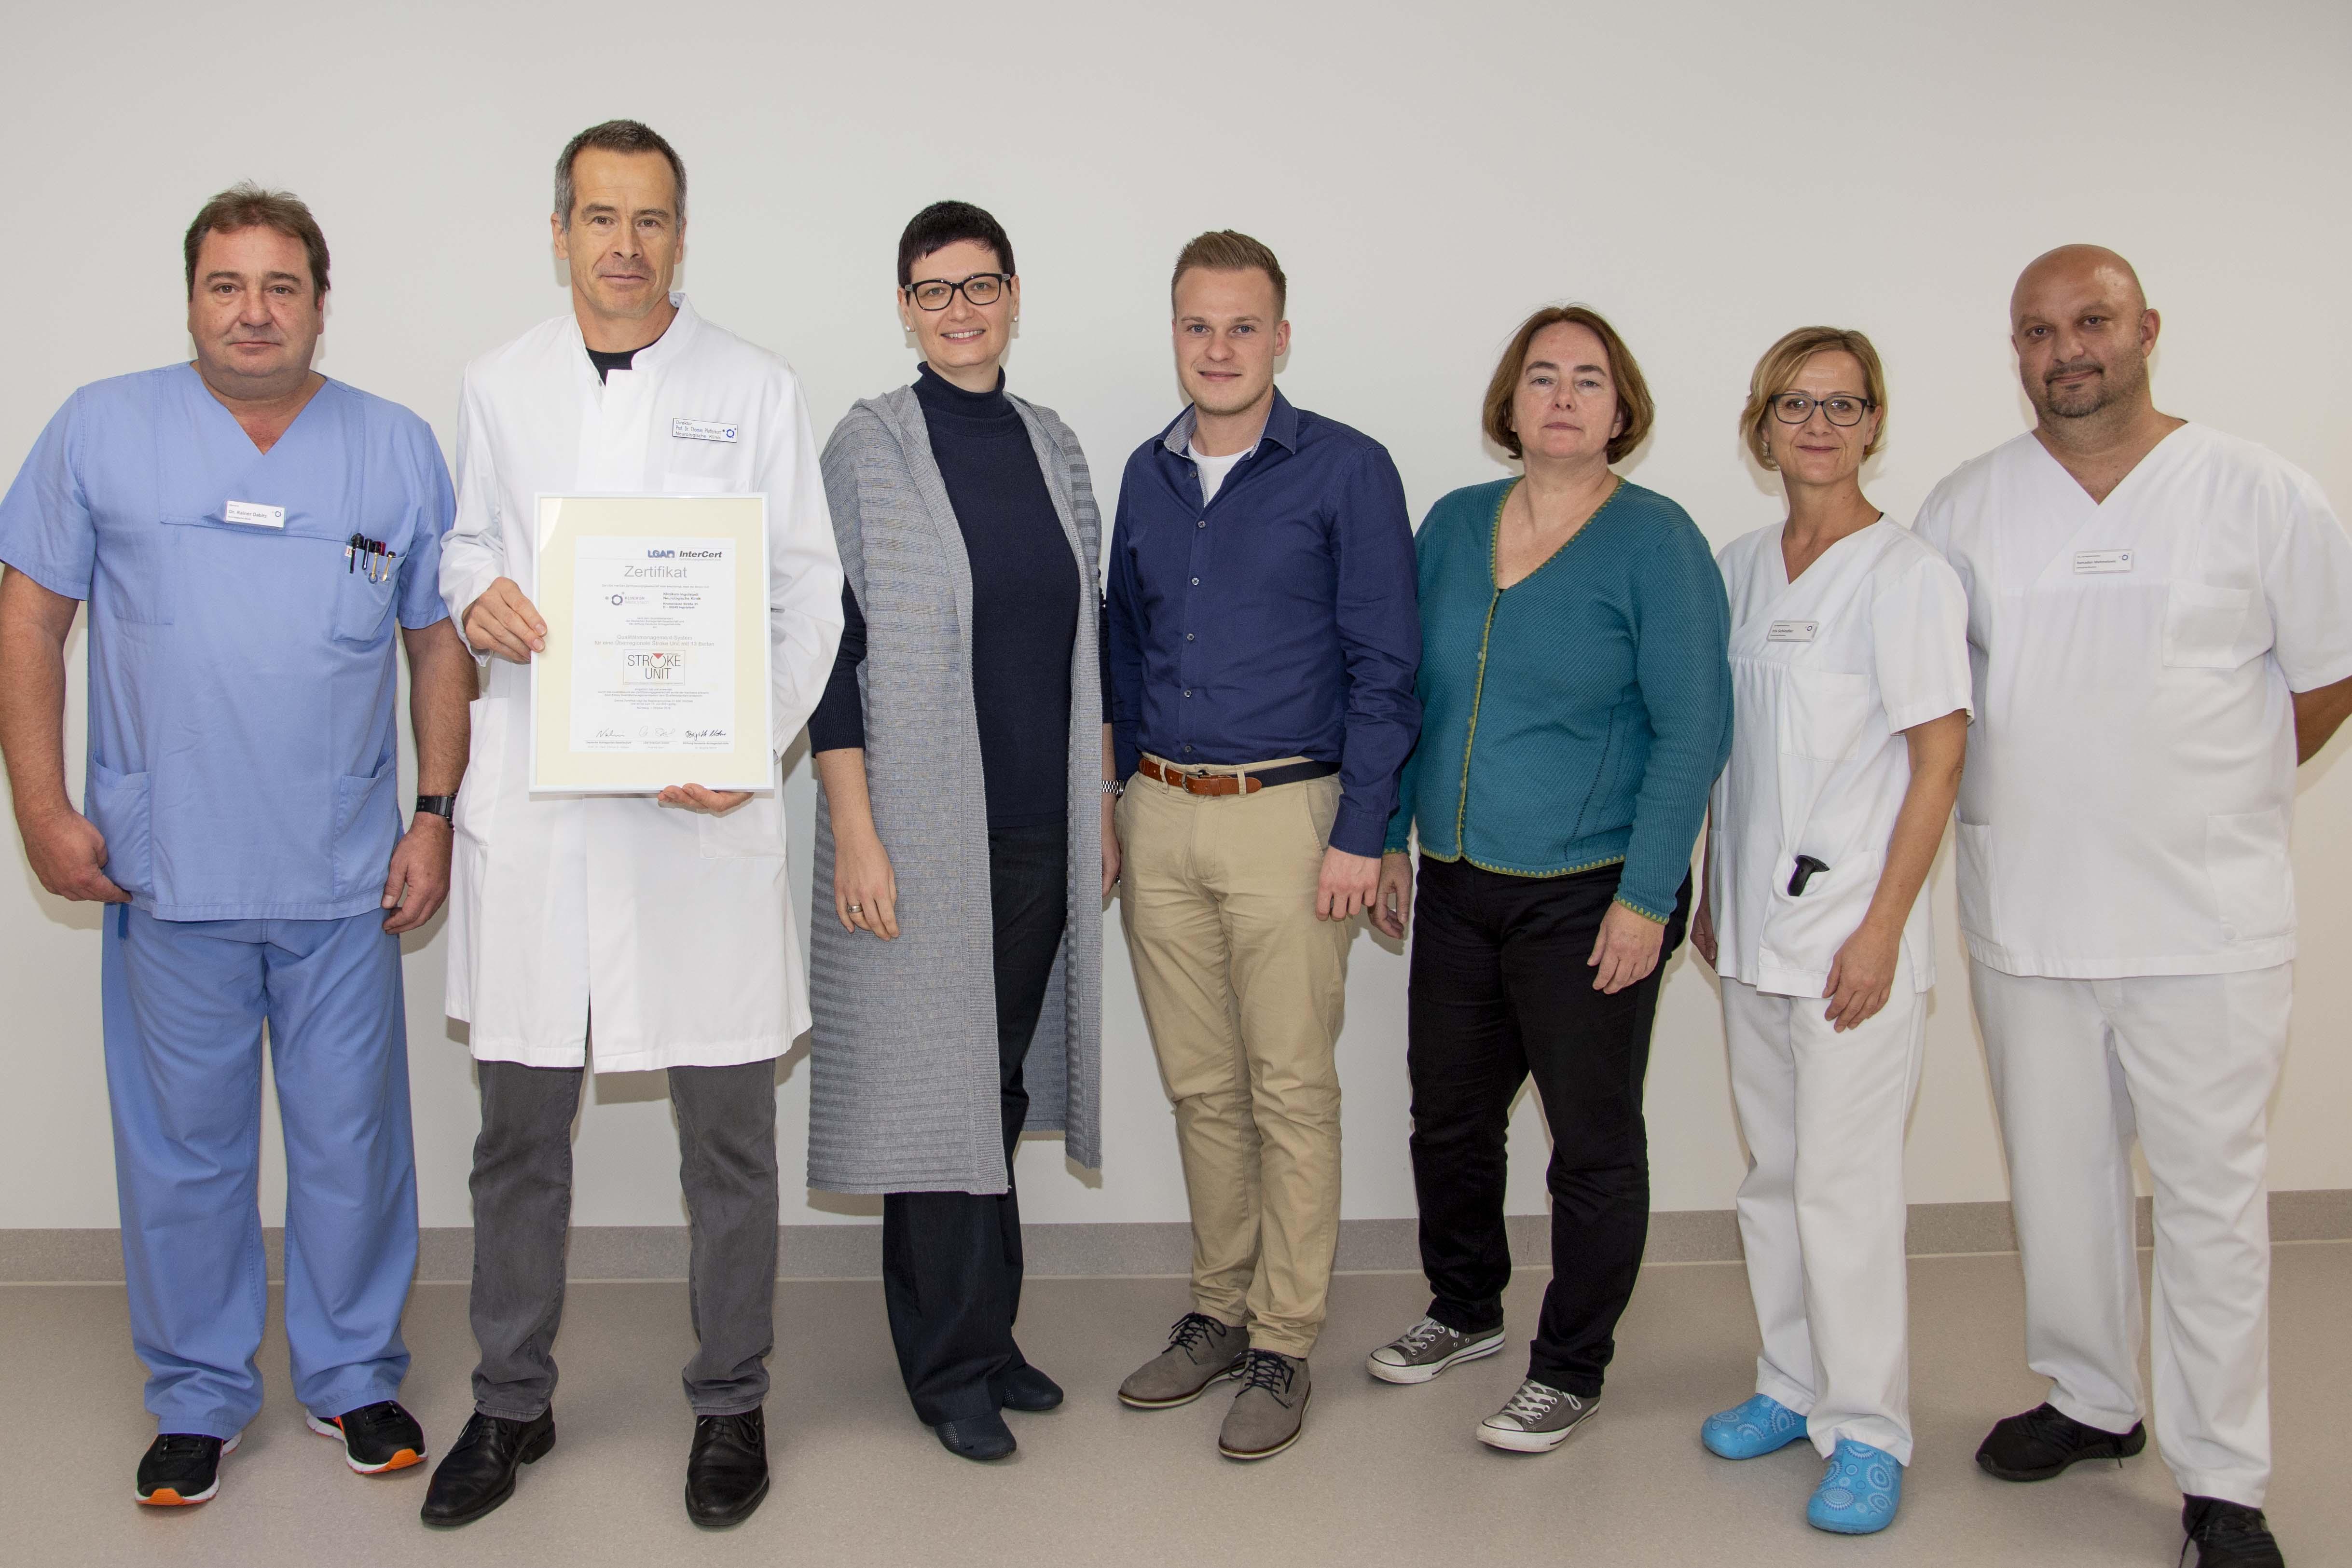 Das Team der Klinik für Neurologie und der Zentralsterilisation im Klinikum Ingolstadt